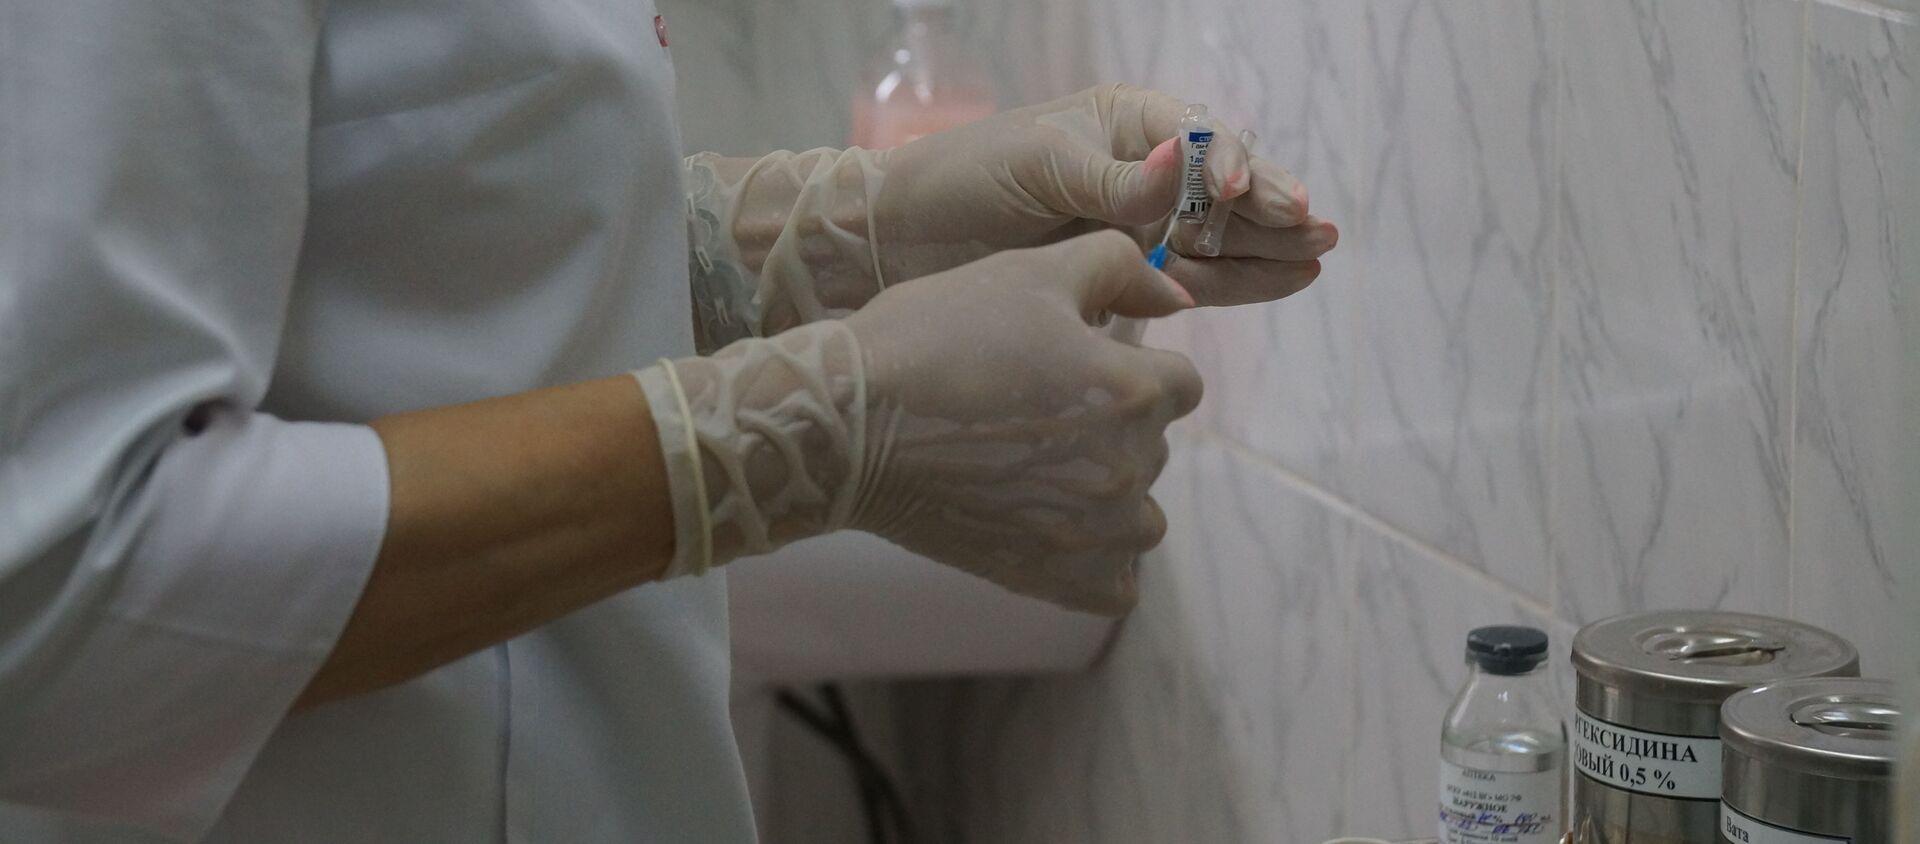 Новобранцев на Кавказе прививают от коронавируса: вакцину поставили уже 800 человек - видео - Sputnik Южная Осетия, 1920, 08.07.2021